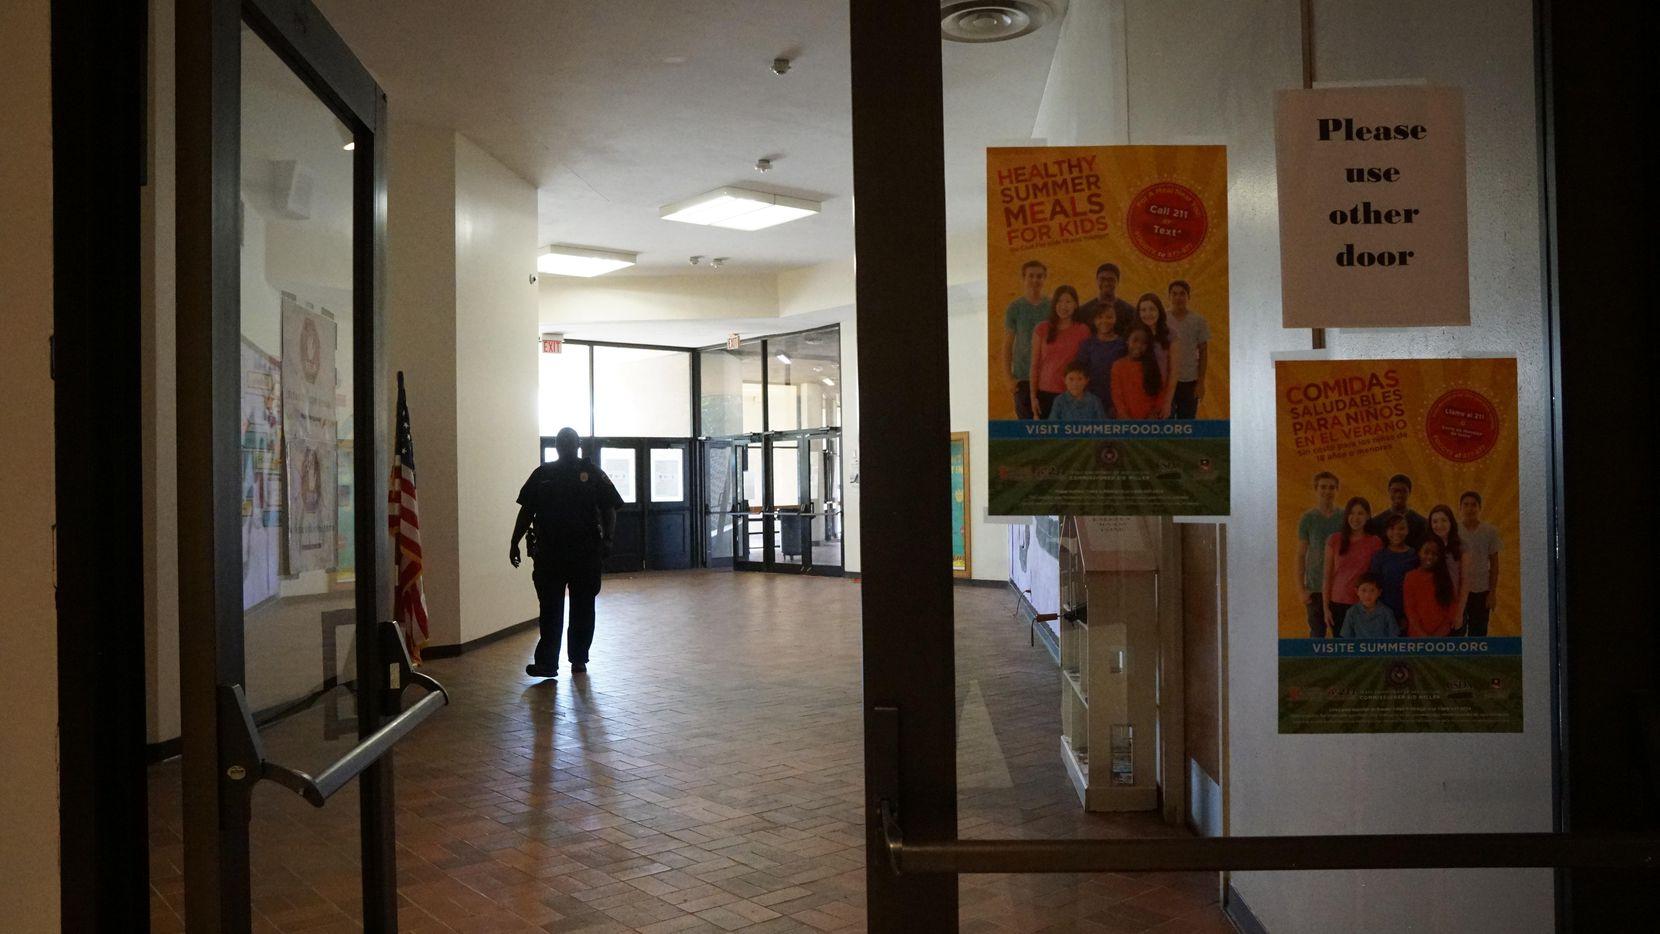 Un guradia de seguridad camina por los pasillos de Manns Education Center en Dallas.